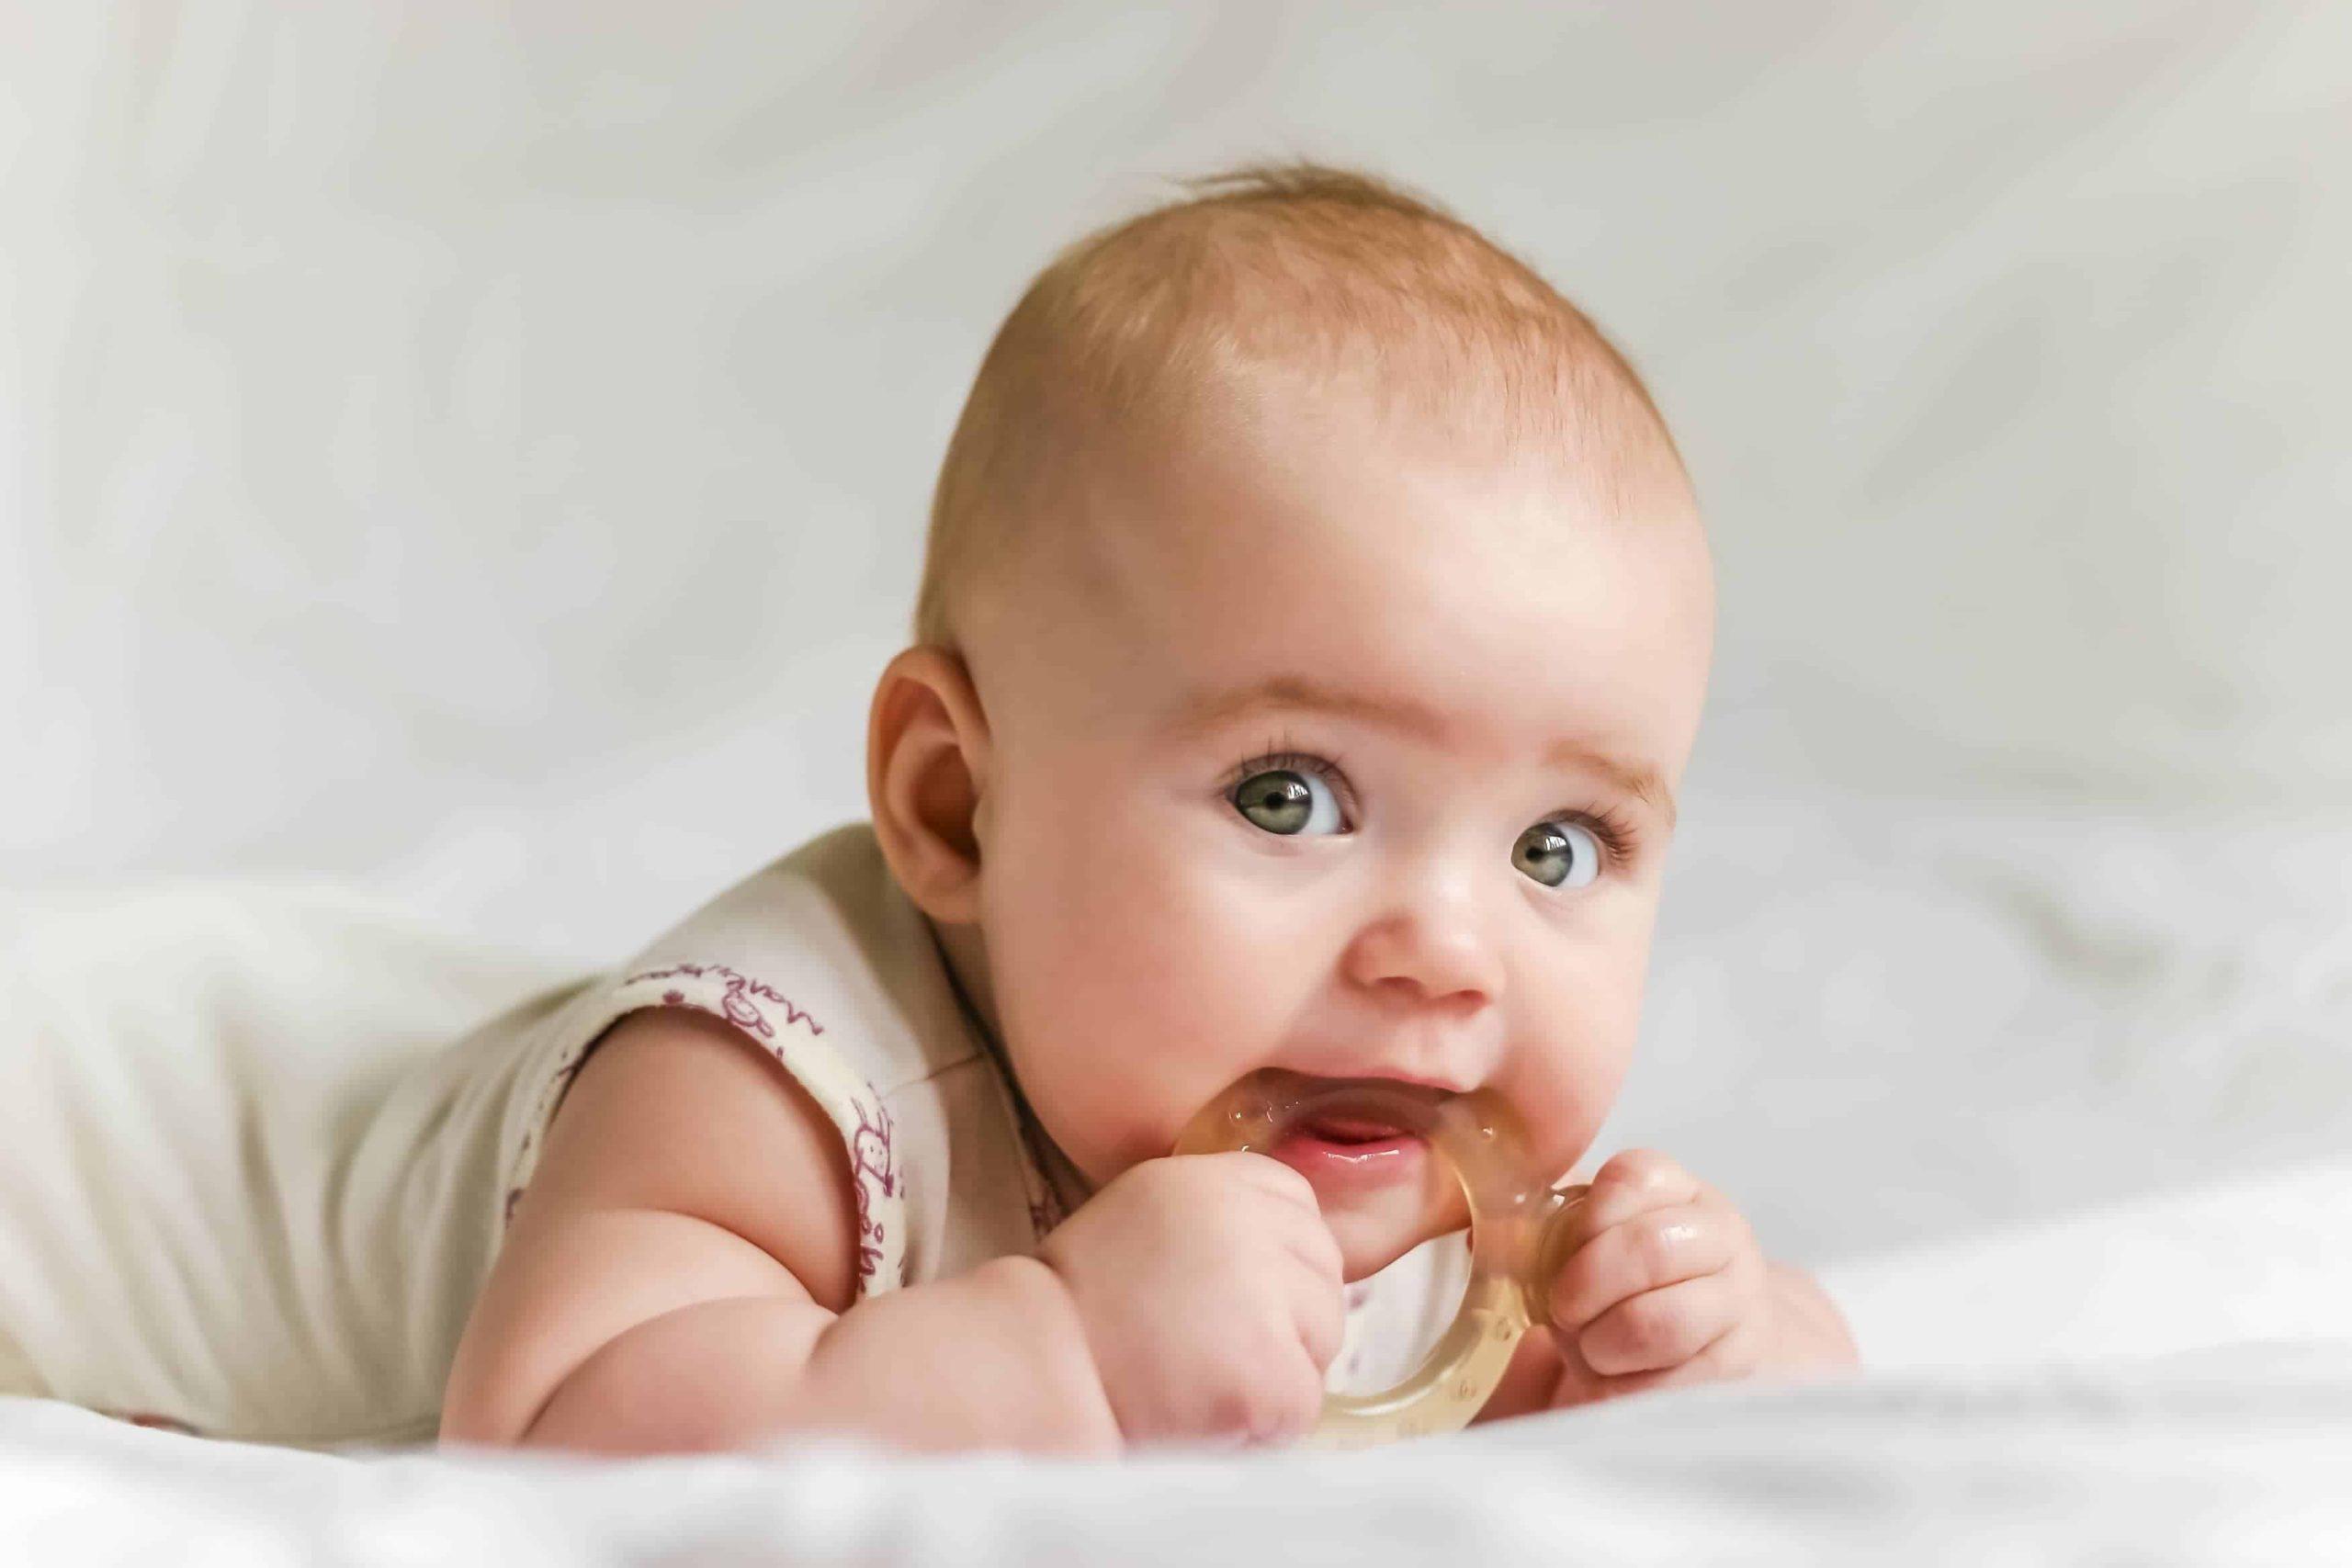 Adakah saya perlu melepaskan susu apabila bayi tumbuh gigi ?